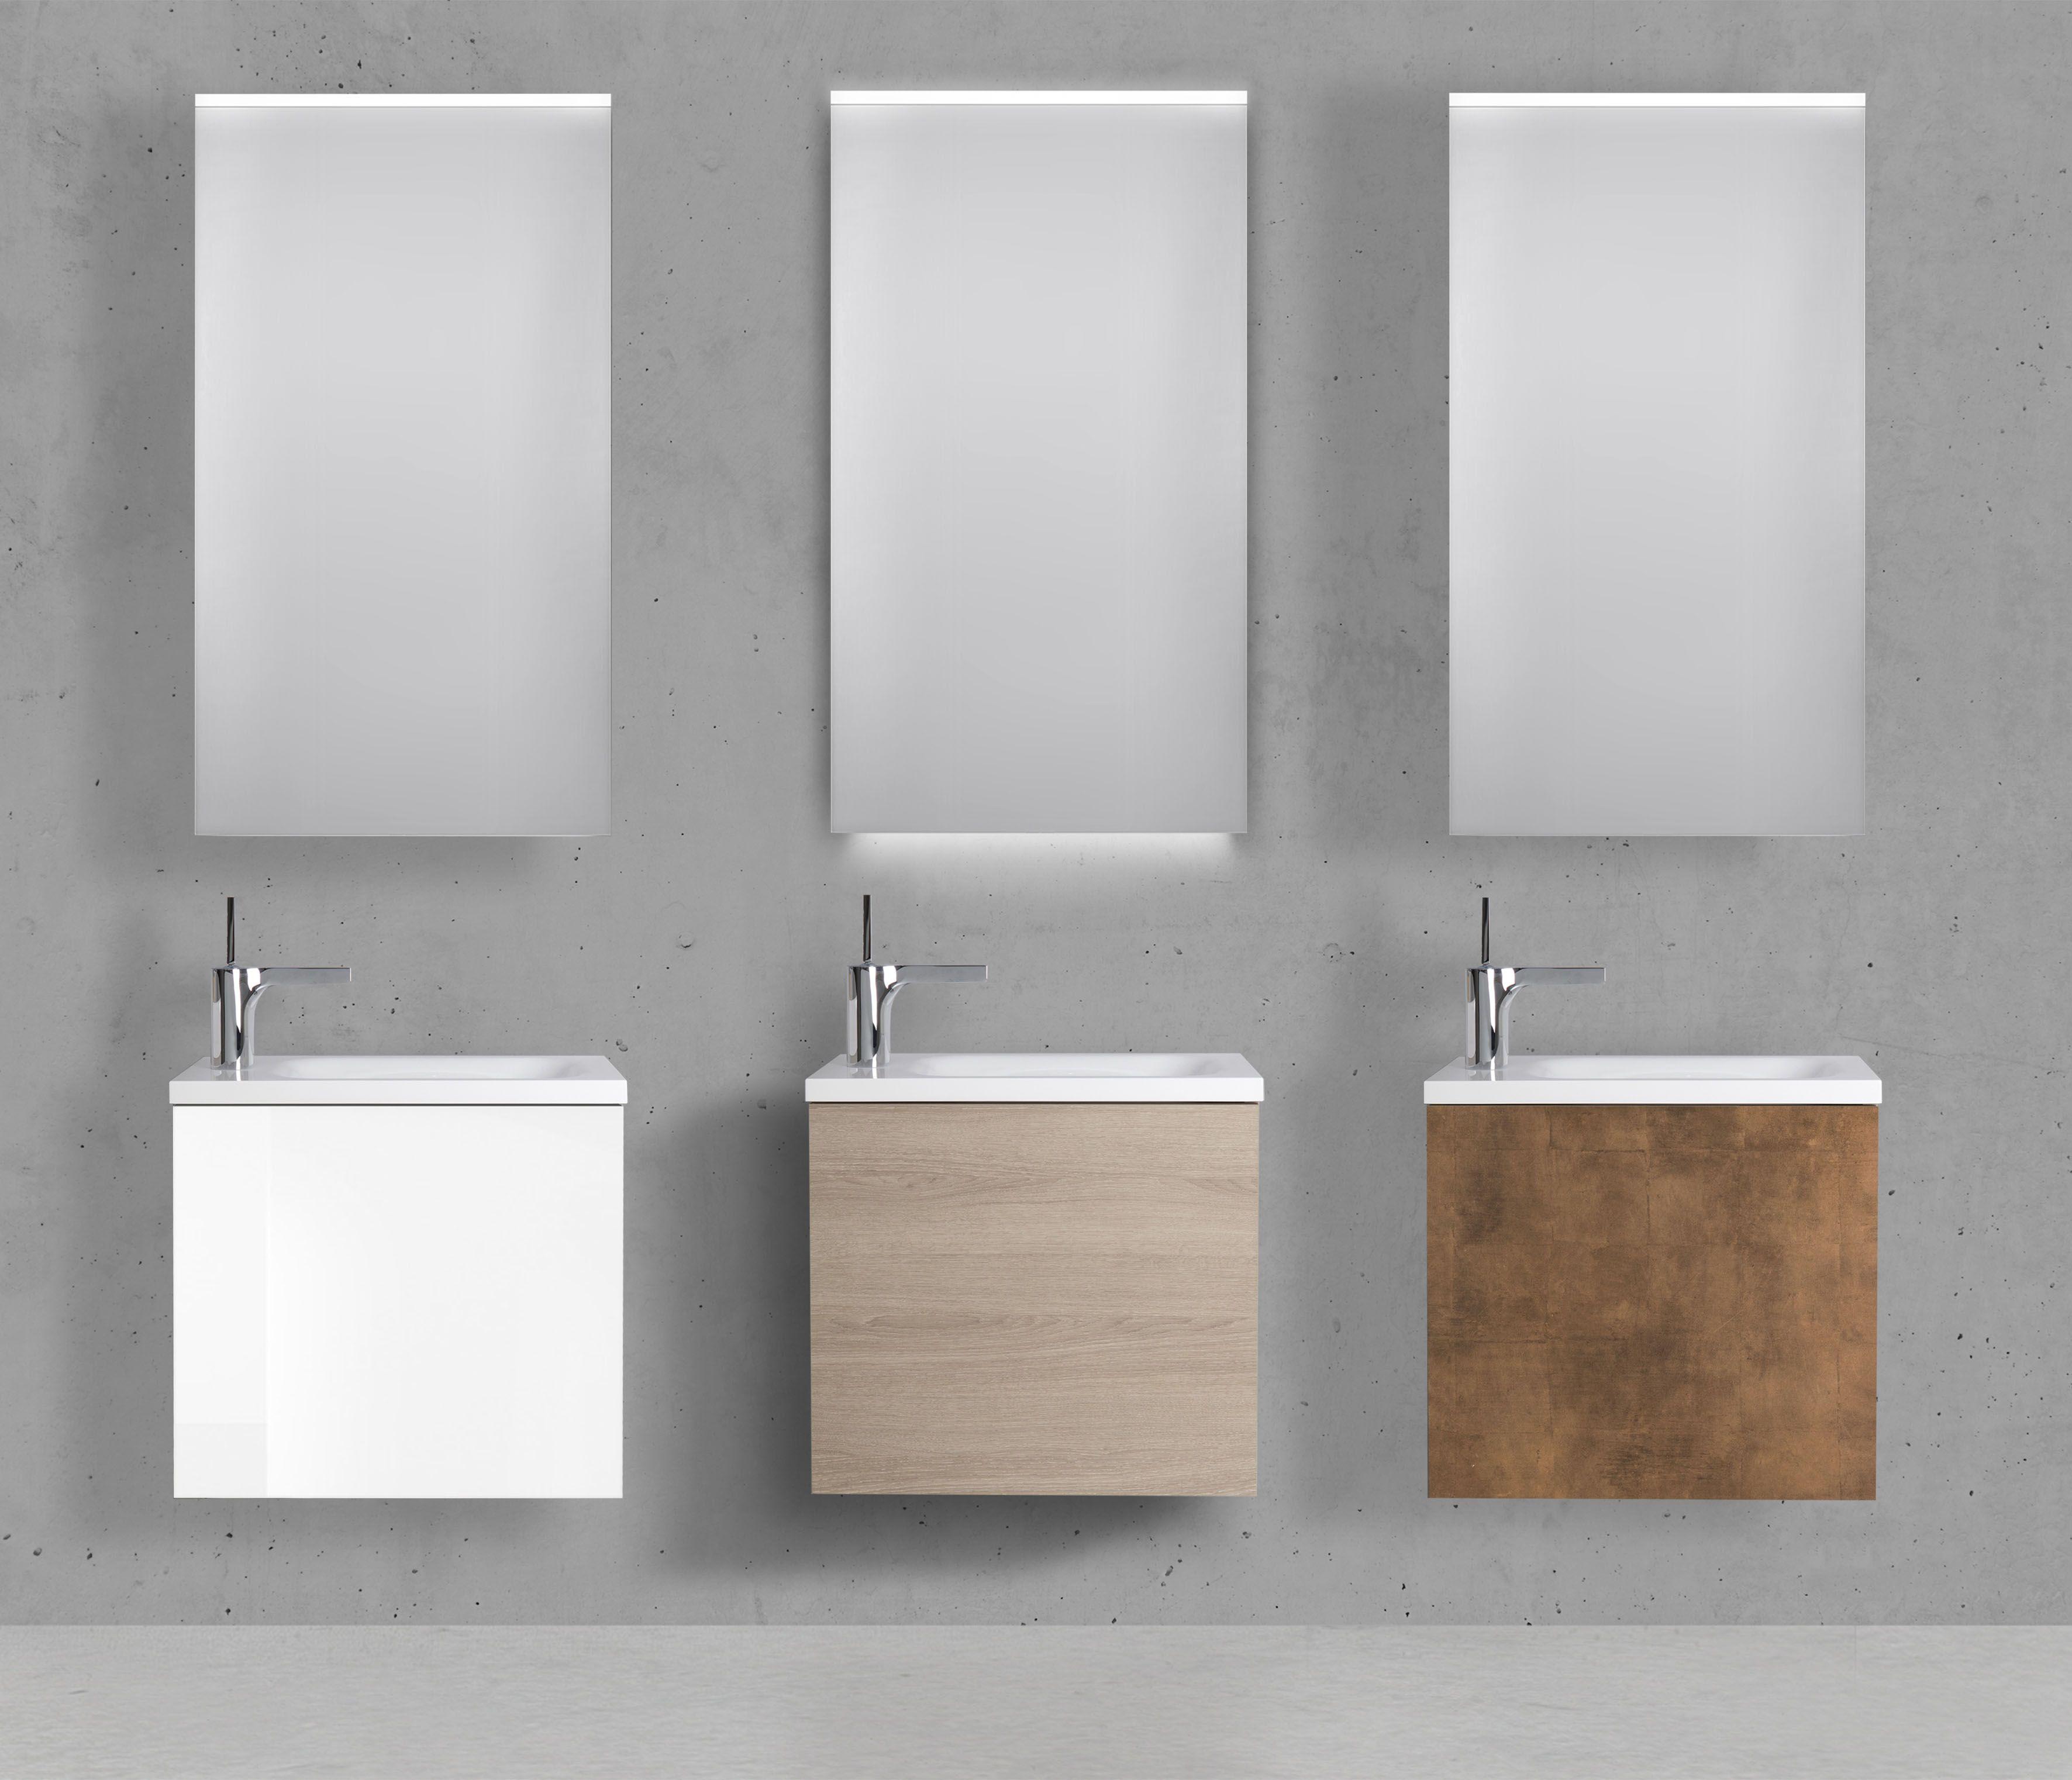 Badmobel Set Collection Rimini Gastebader Im Modernen Design Made In Germany Sie Suchen Hochwertige Badmobel Ein Kleine Badezimmer Spiegelschrank Gastebad